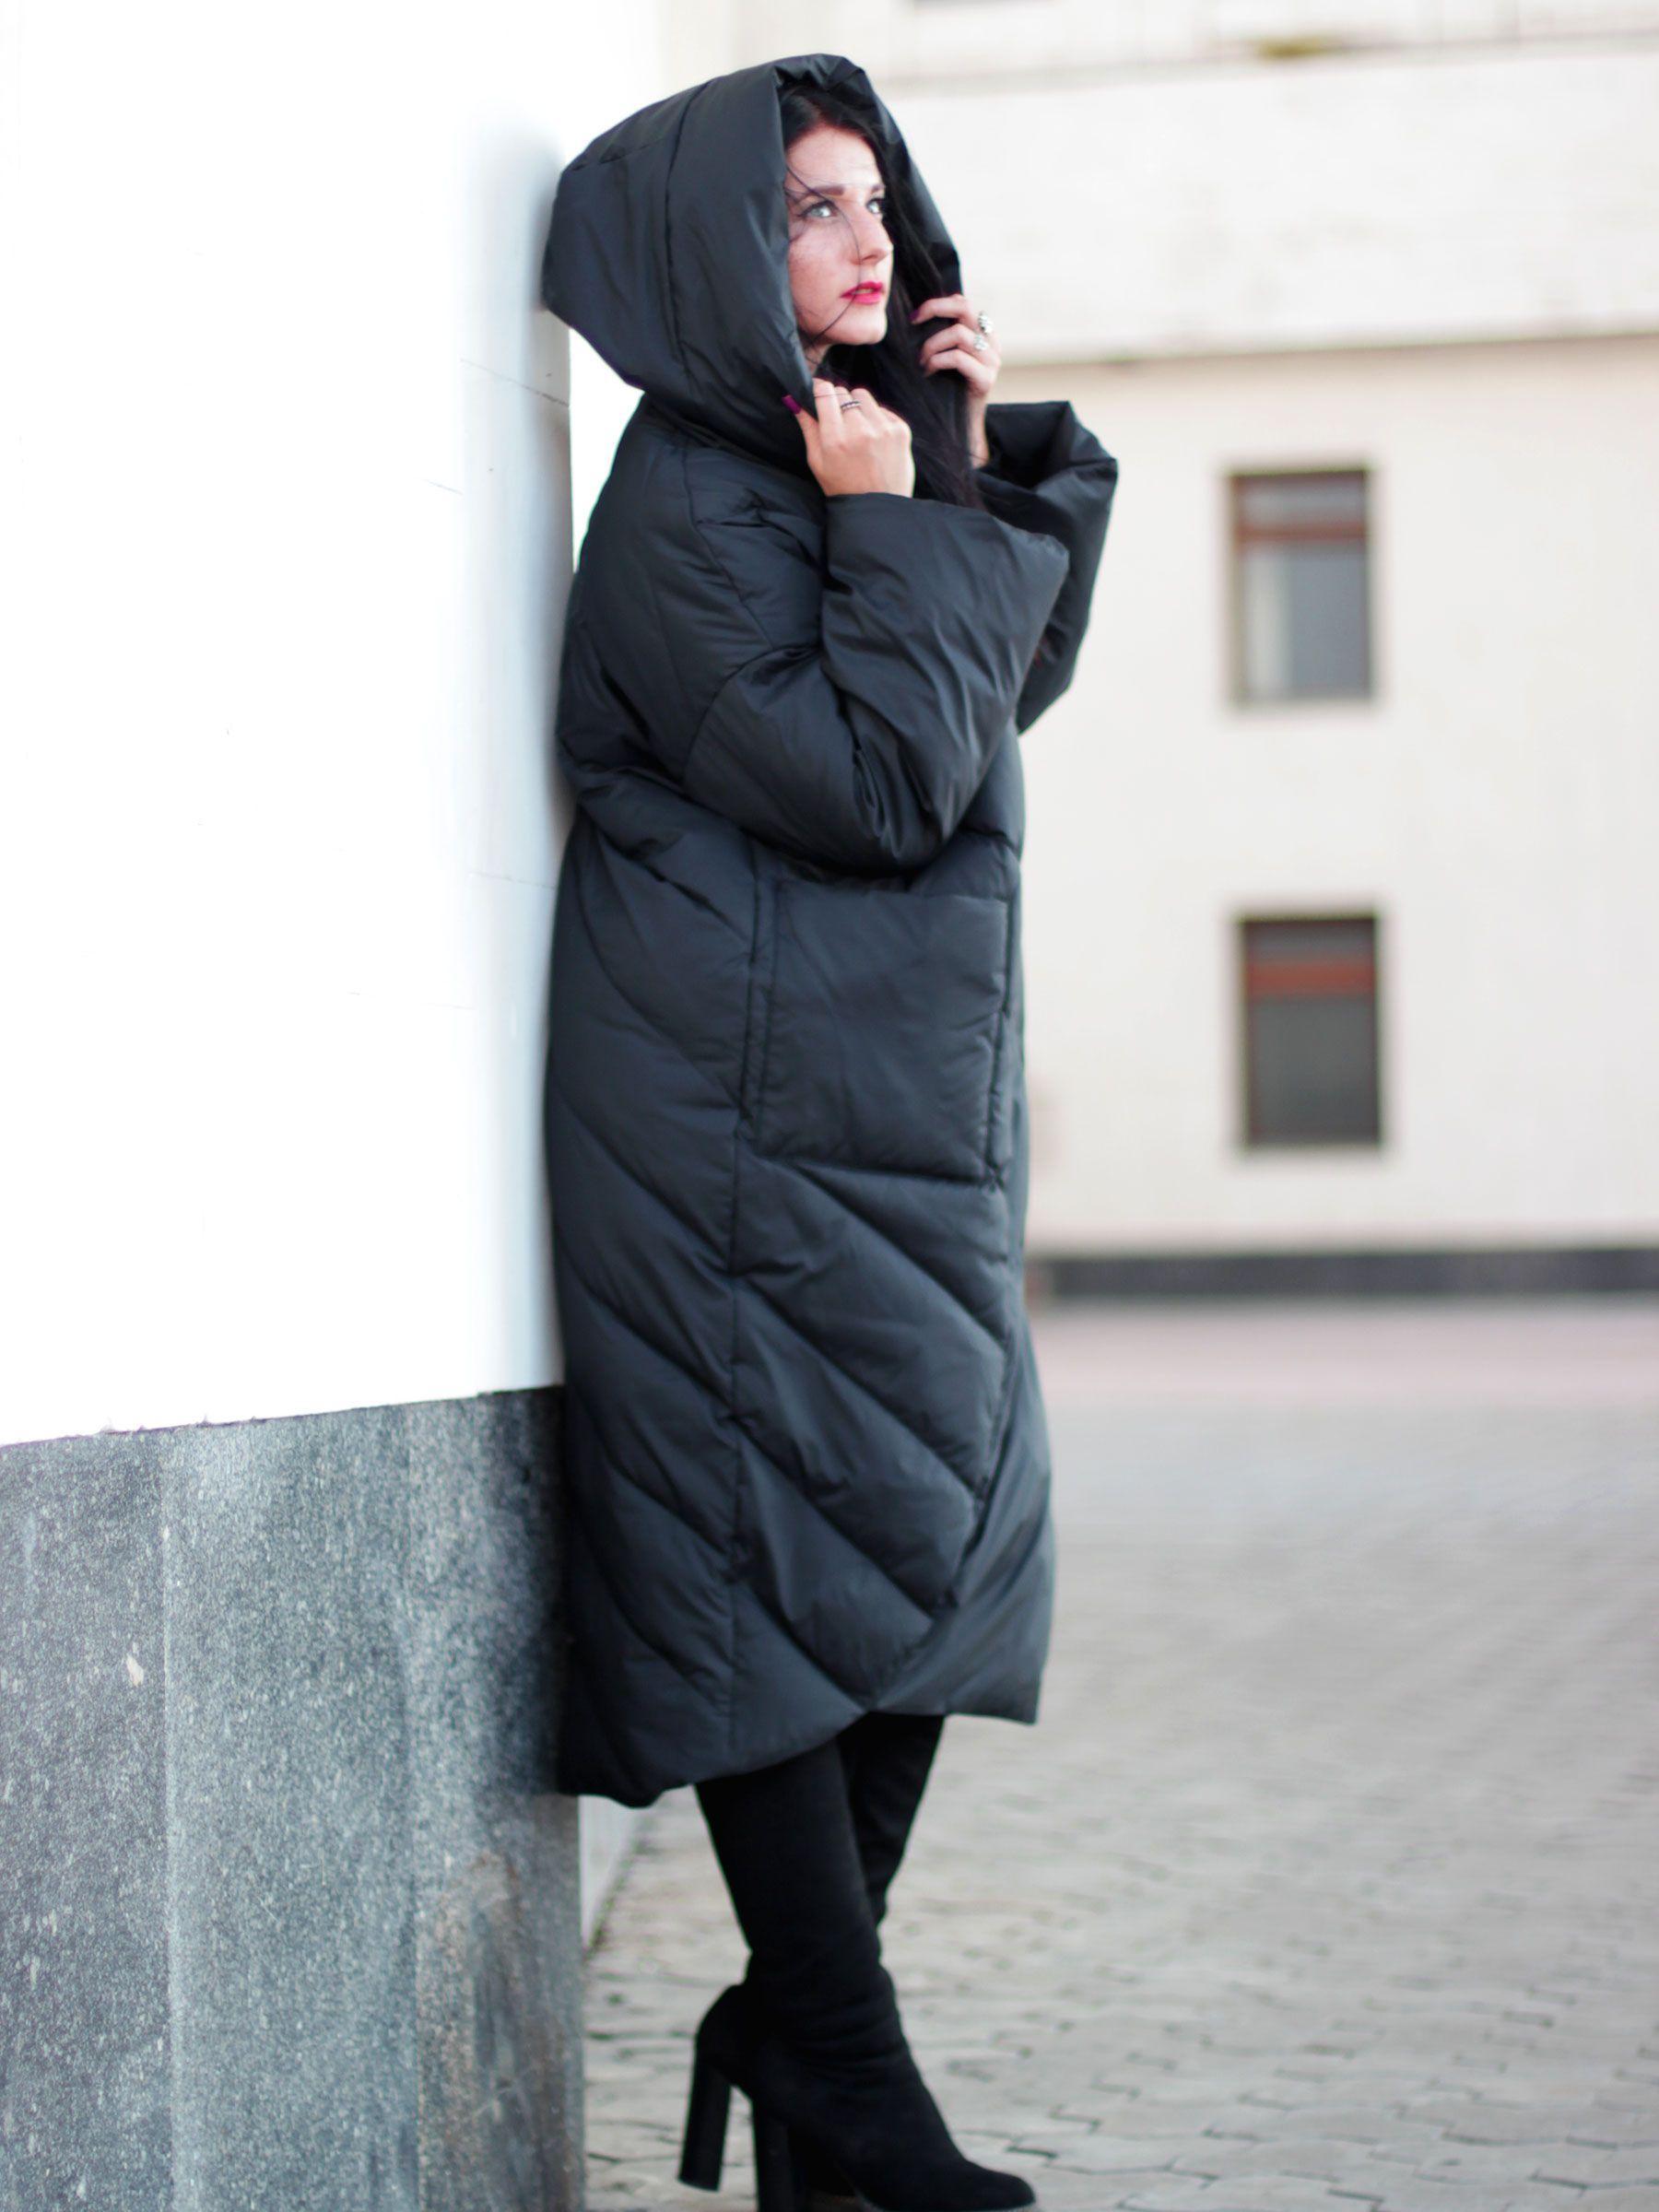 Пуховик одеяло женское зимнее тёплое Torgcoi 1908 молодёжное эксклюзив  Пуховики одеяло в стиле оверсайз от динамически 6c9a088cce3